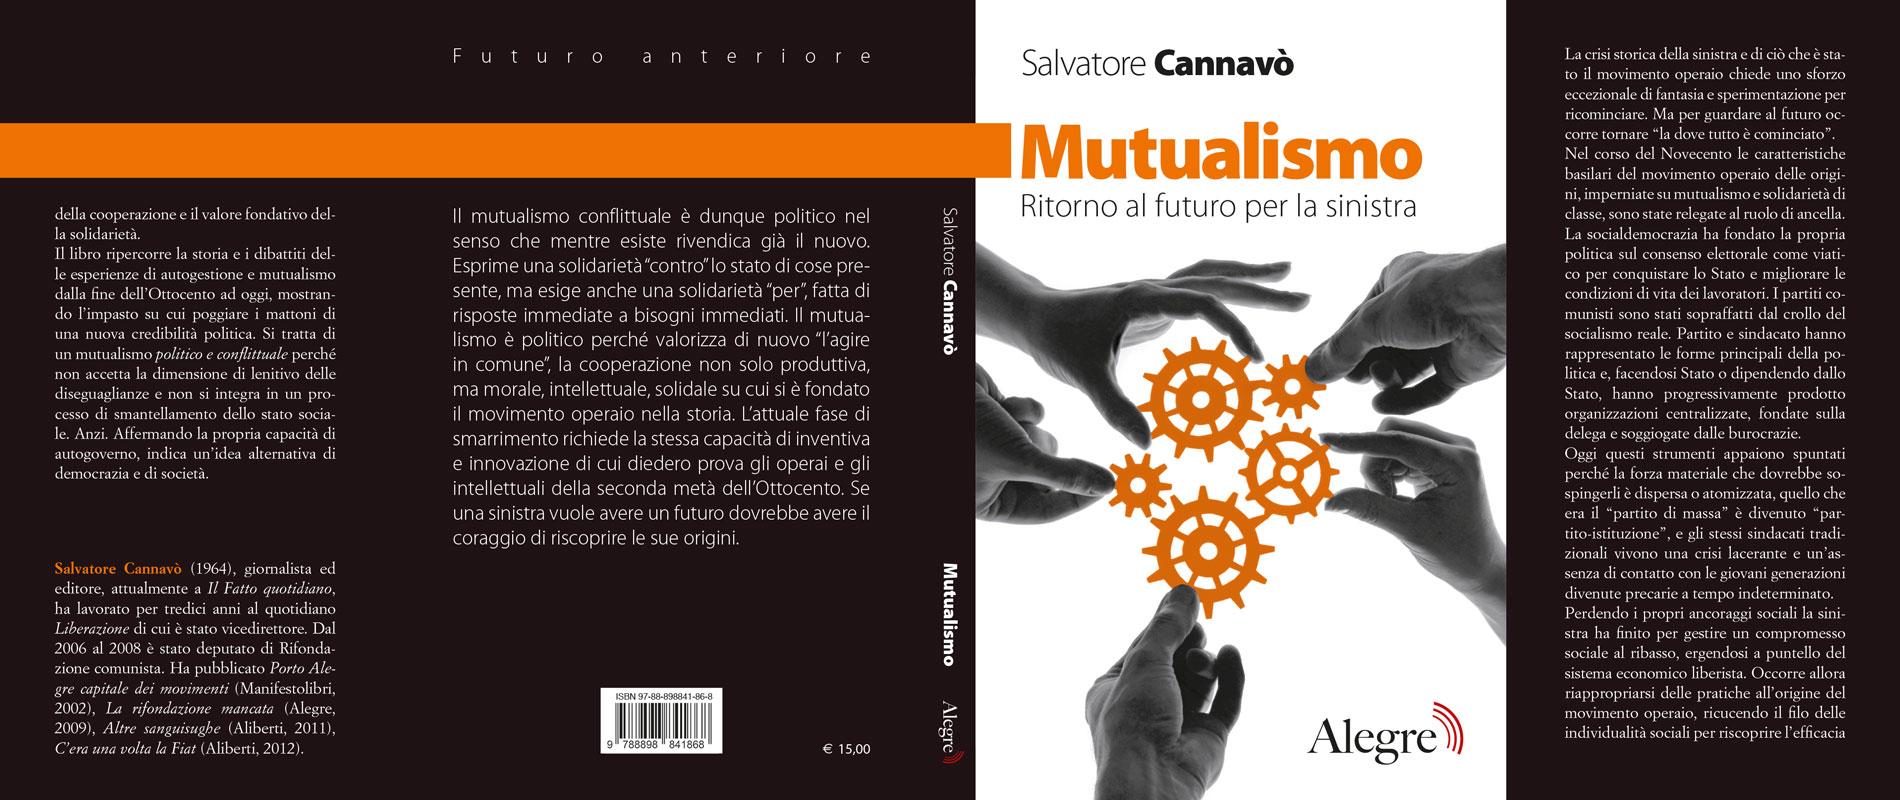 Salvatore Cannavò, Mutualismo, stesa